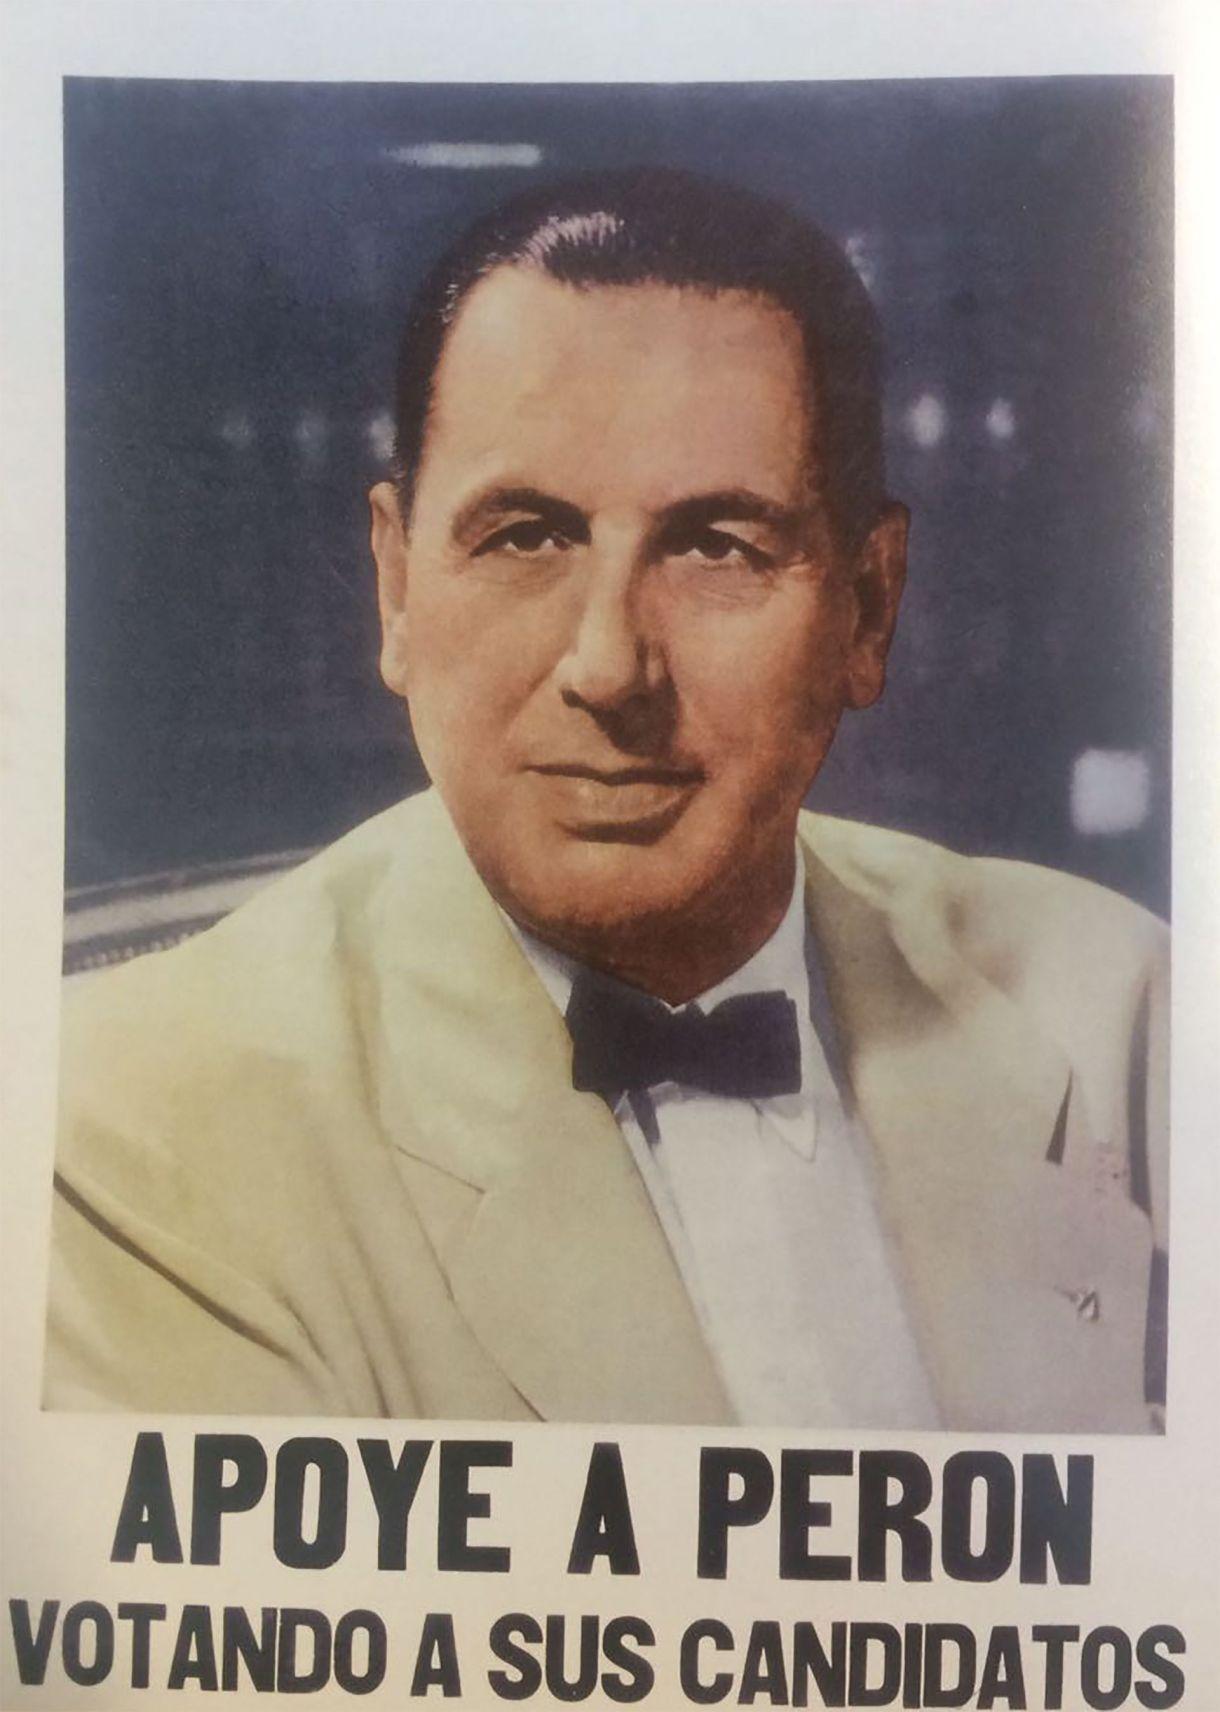 Viejos afiches de Perón del año 1954